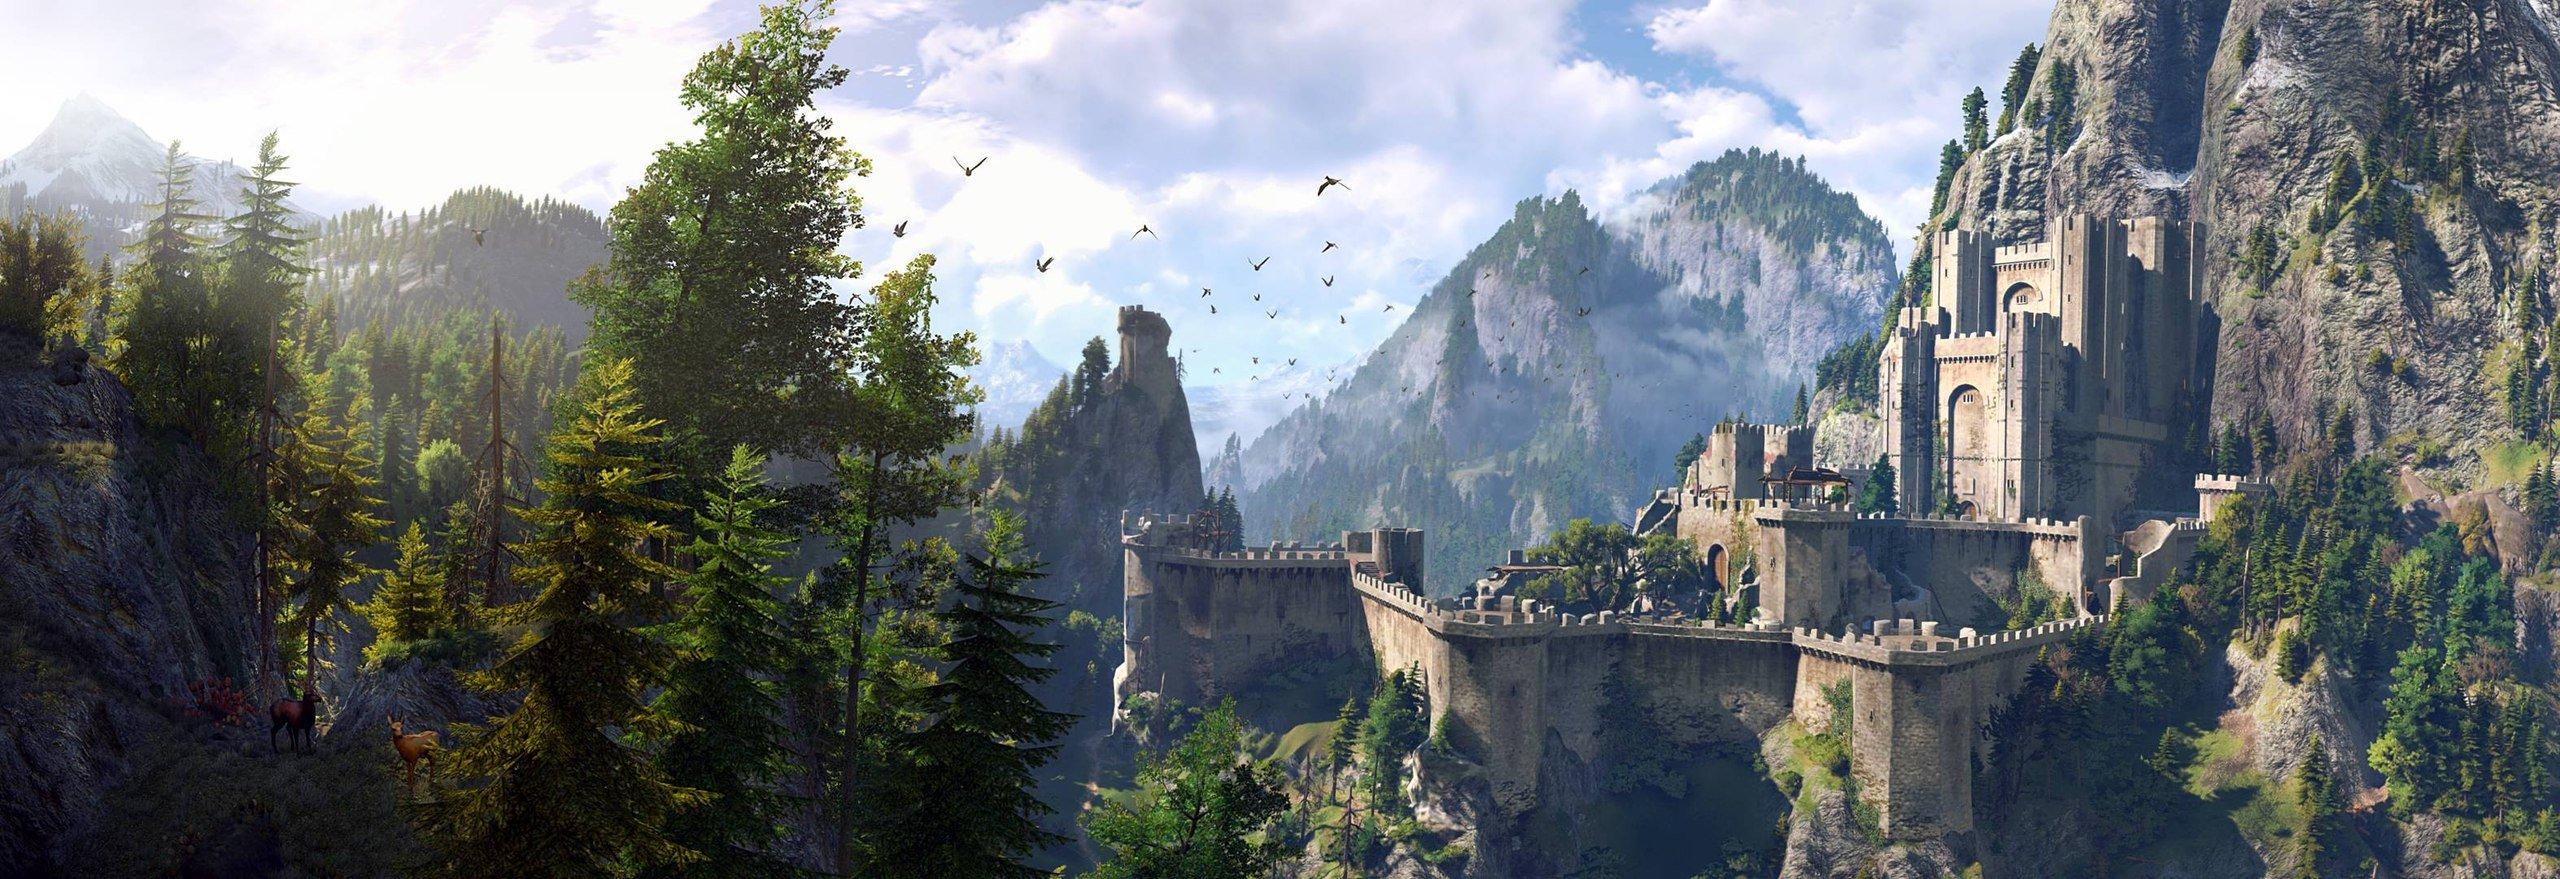 The Witcher 3: Wild Hunt. Все главное за прошедшее время и предстоящий показ.    После церемонии награждение TGA и п .... - Изображение 15